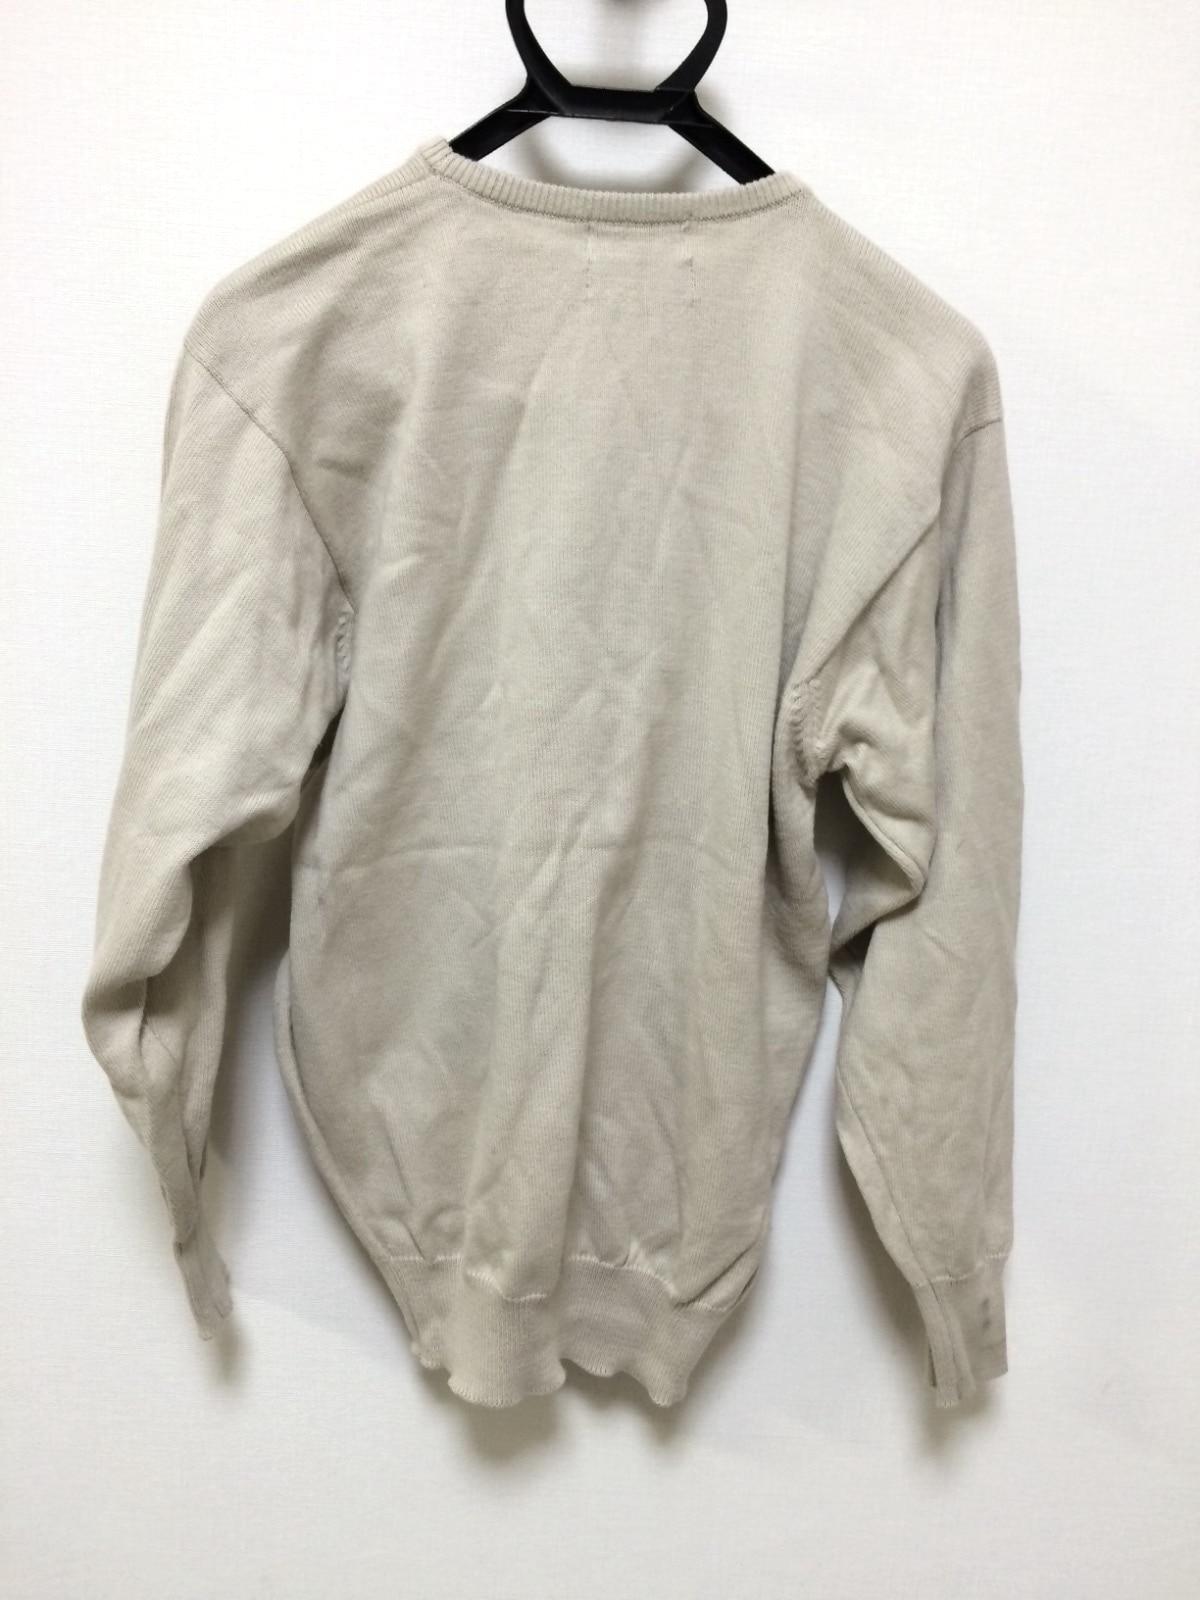 Barbour(バーブァー)のセーター